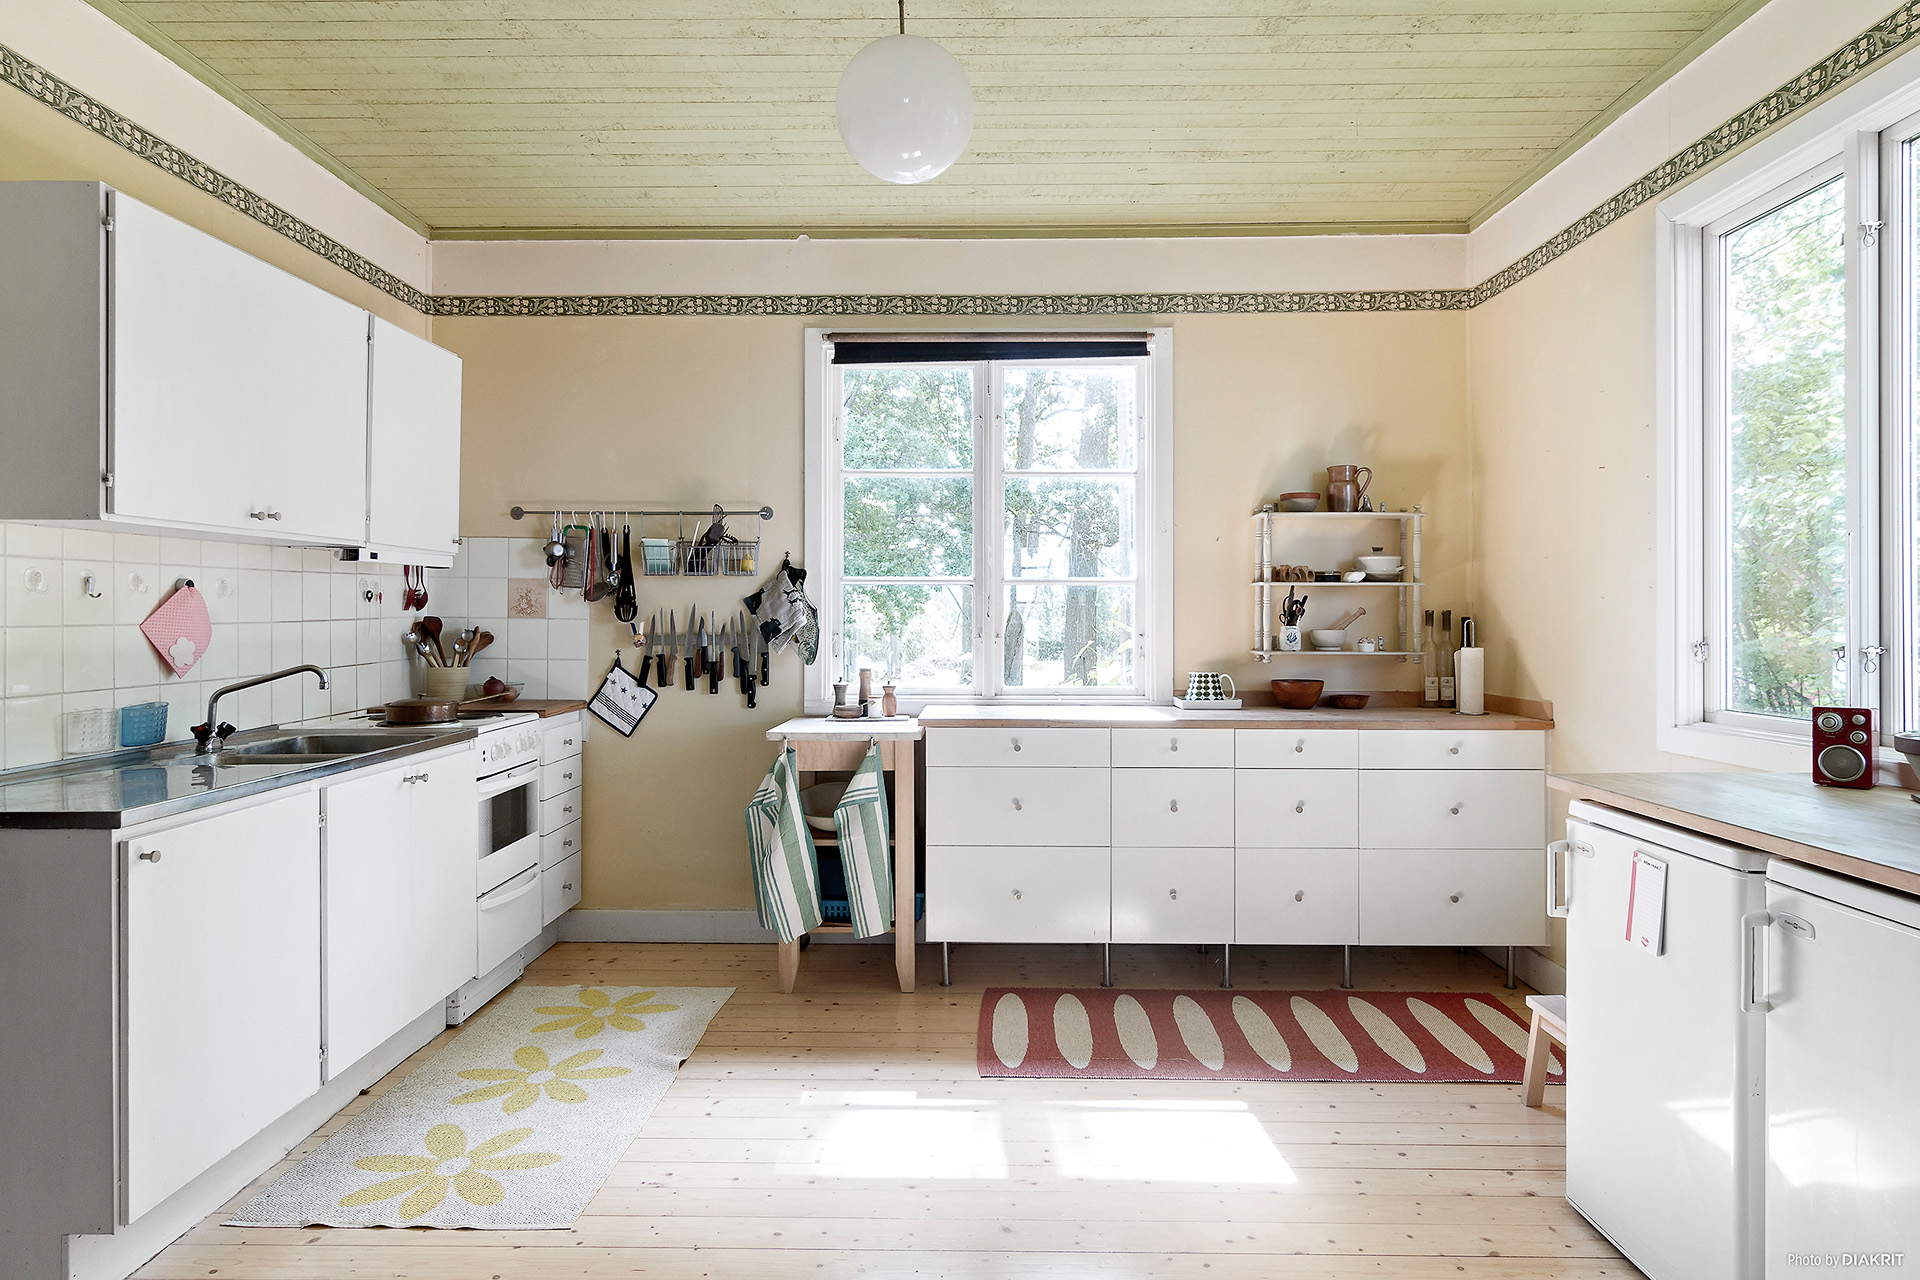 Rymligt kök med gott om förvaringsutrymmen